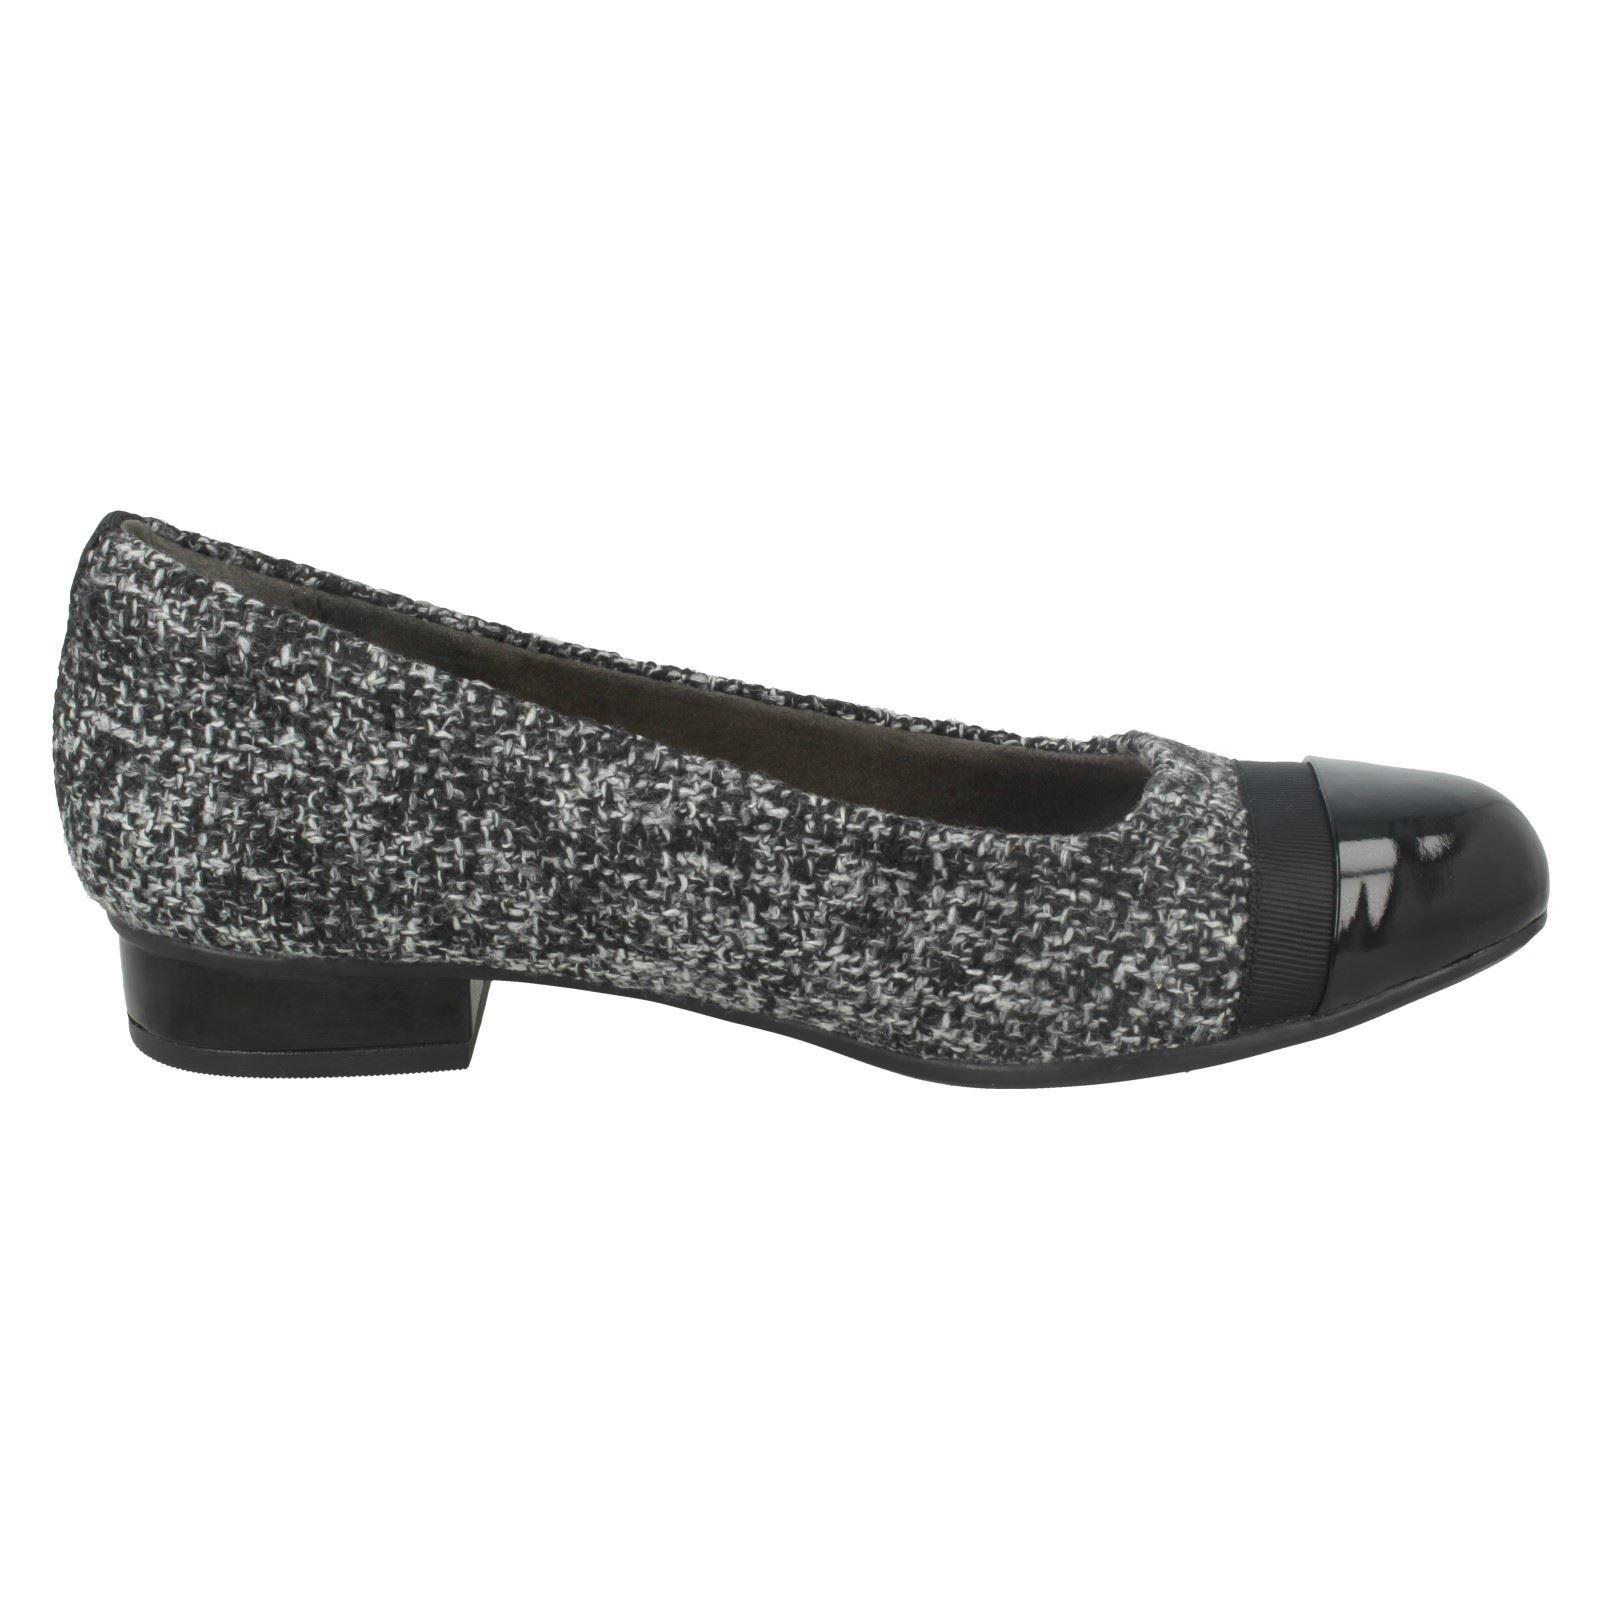 Mujer-Clarks-Elegante-Bailarina-Deslizable-Estilo-Zapatillas-039-Keesha-Rosa-039